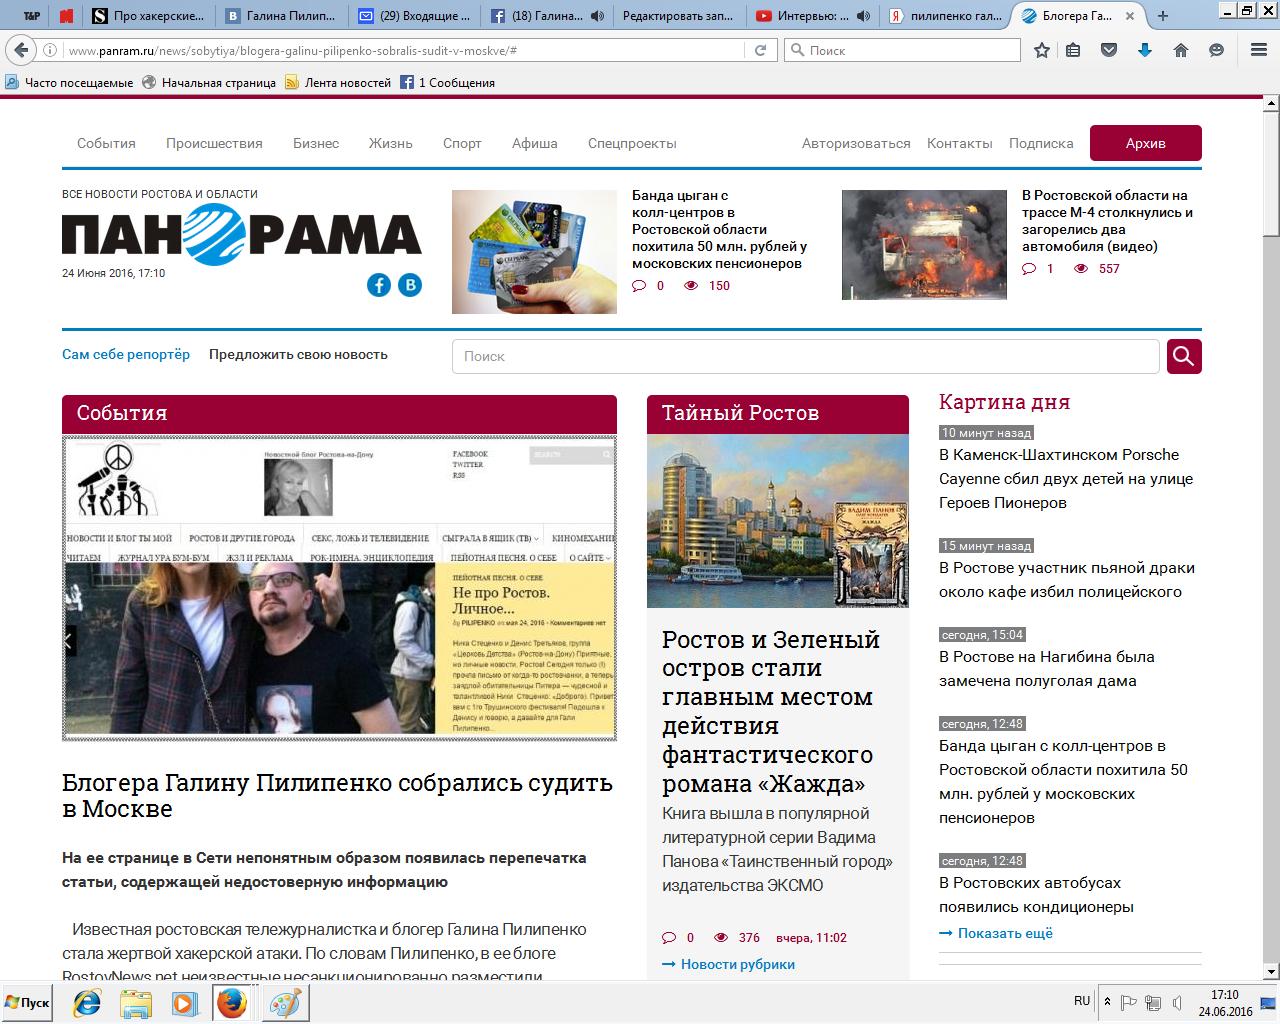 Блогера Галину Пилипенко собрались судить в Москве. Часть 4